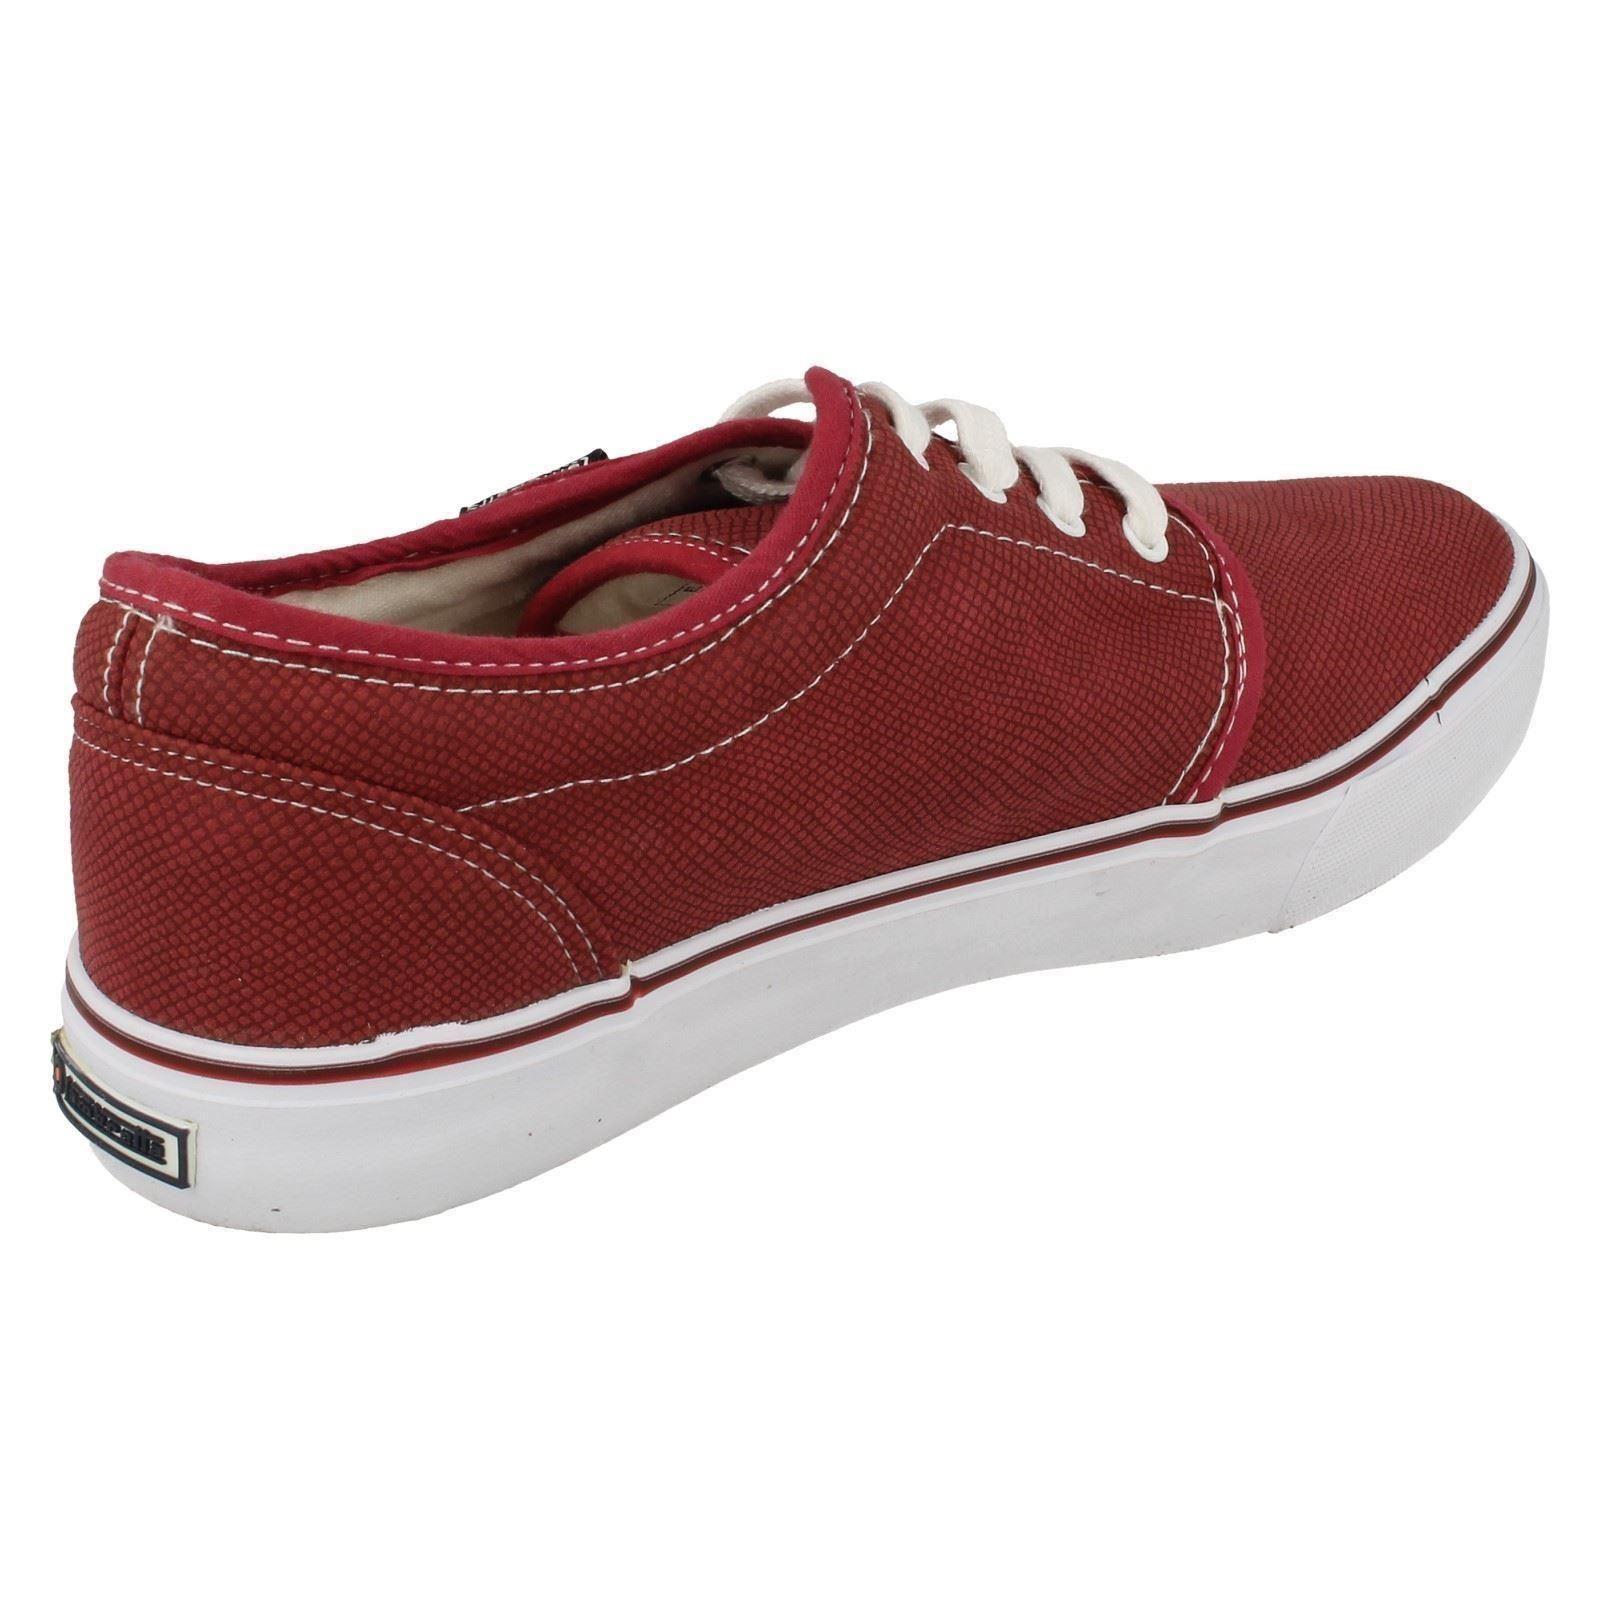 Lambretta Boys Casual Shoes WDY006